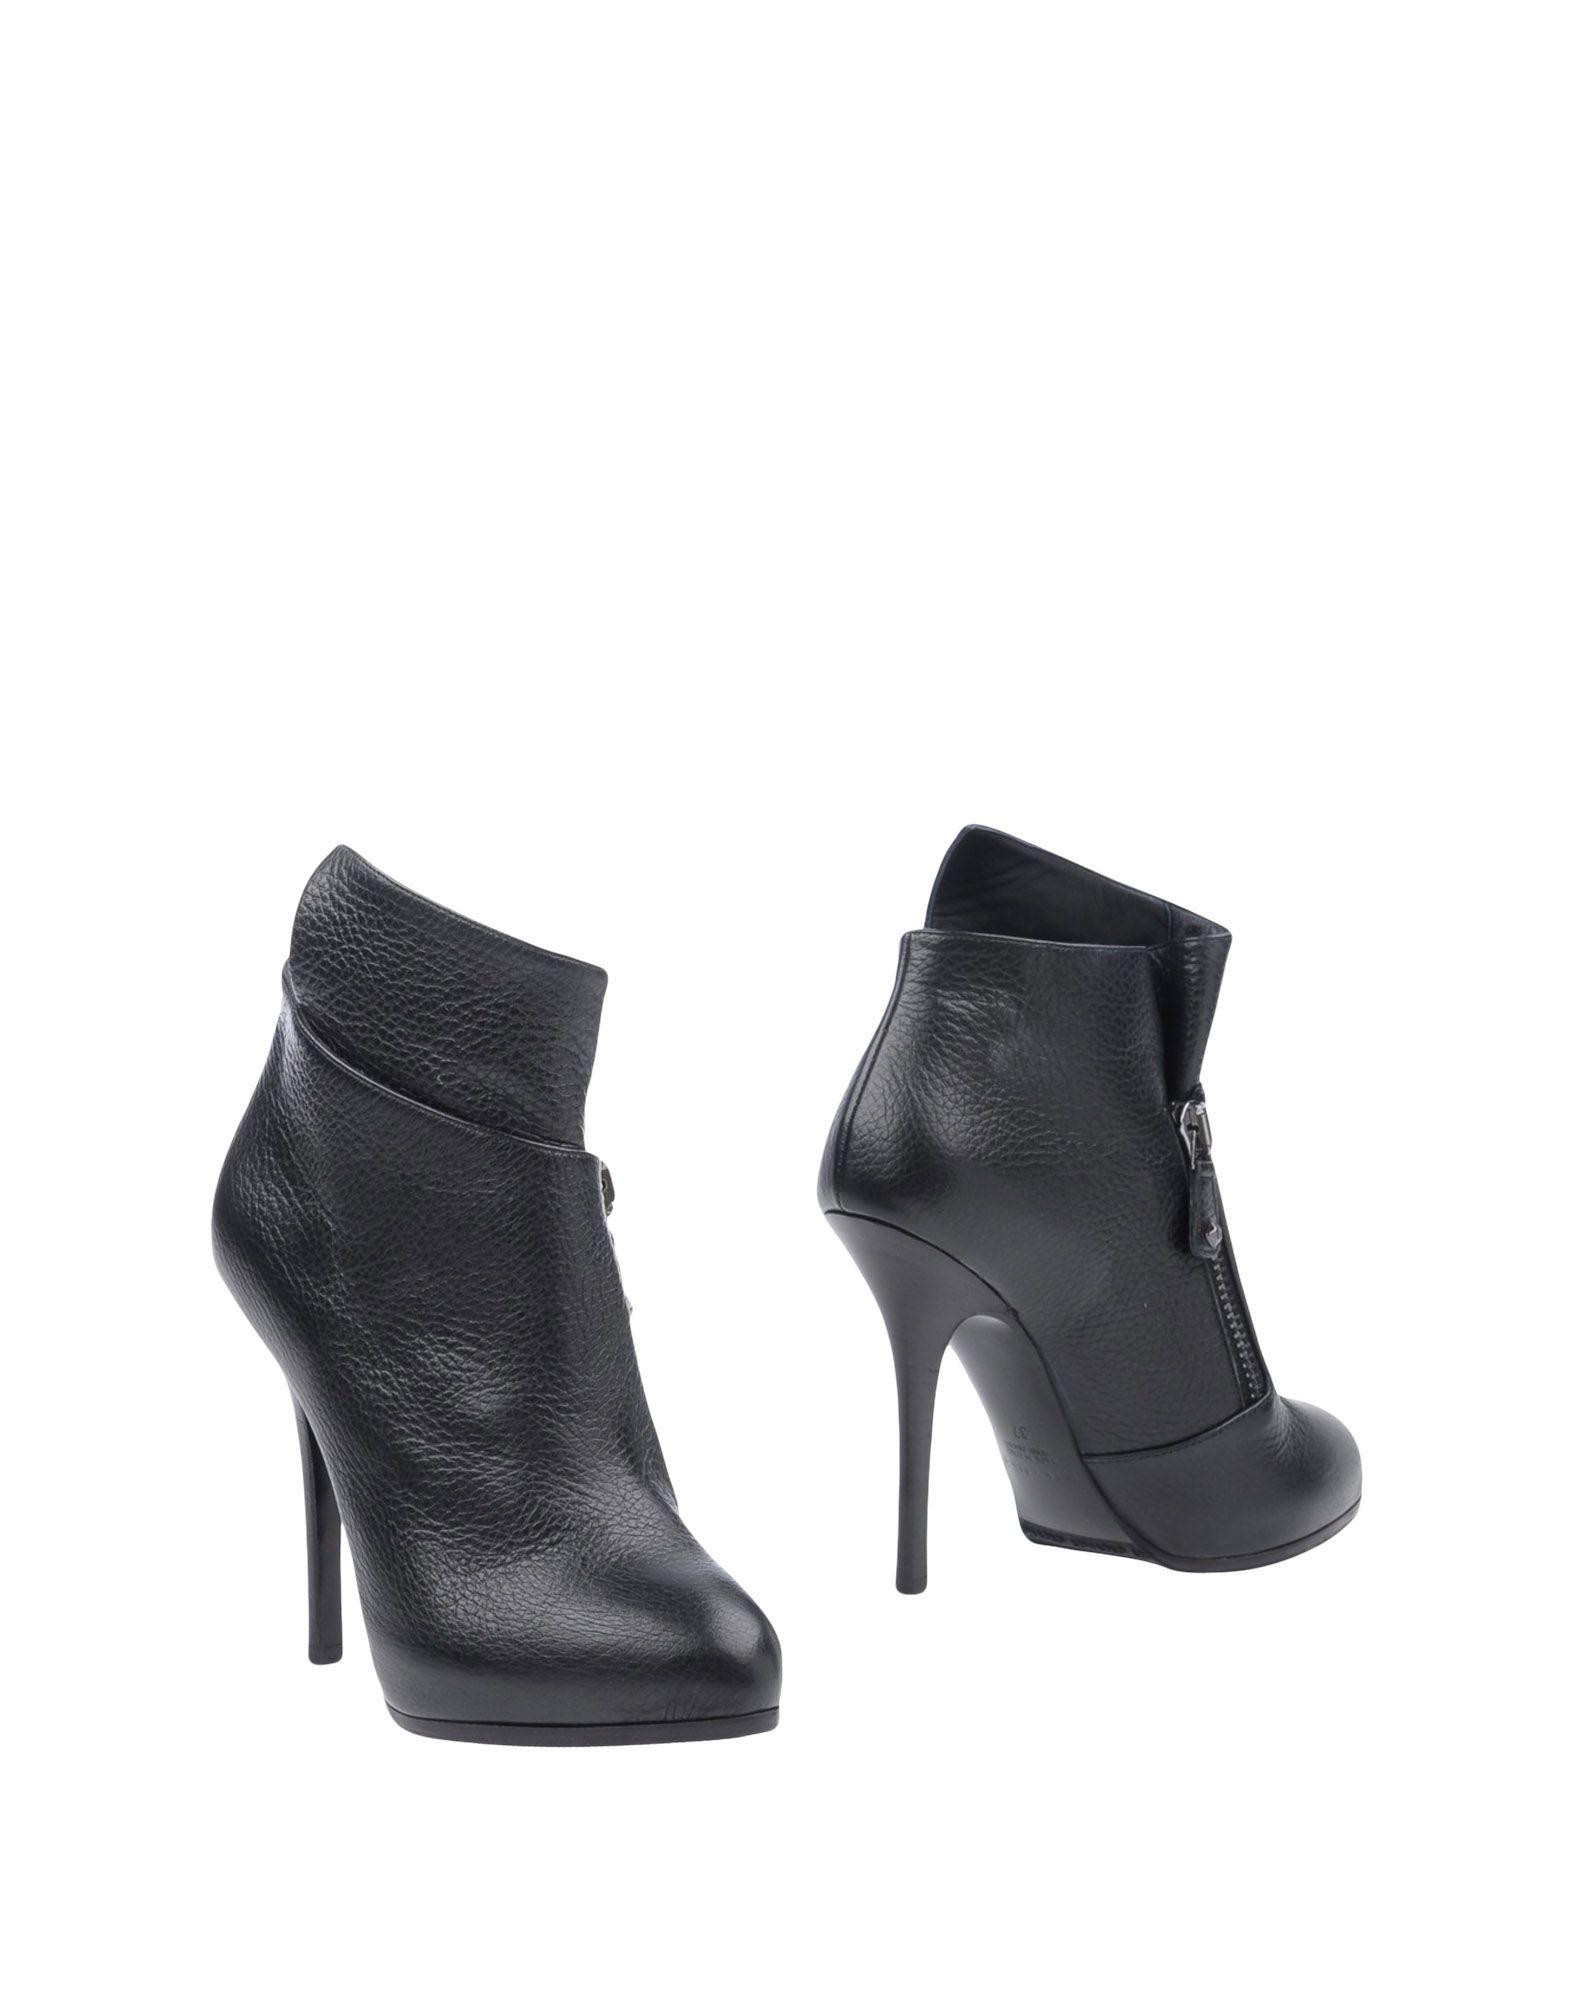 цены на GREY MER Полусапоги и высокие ботинки в интернет-магазинах